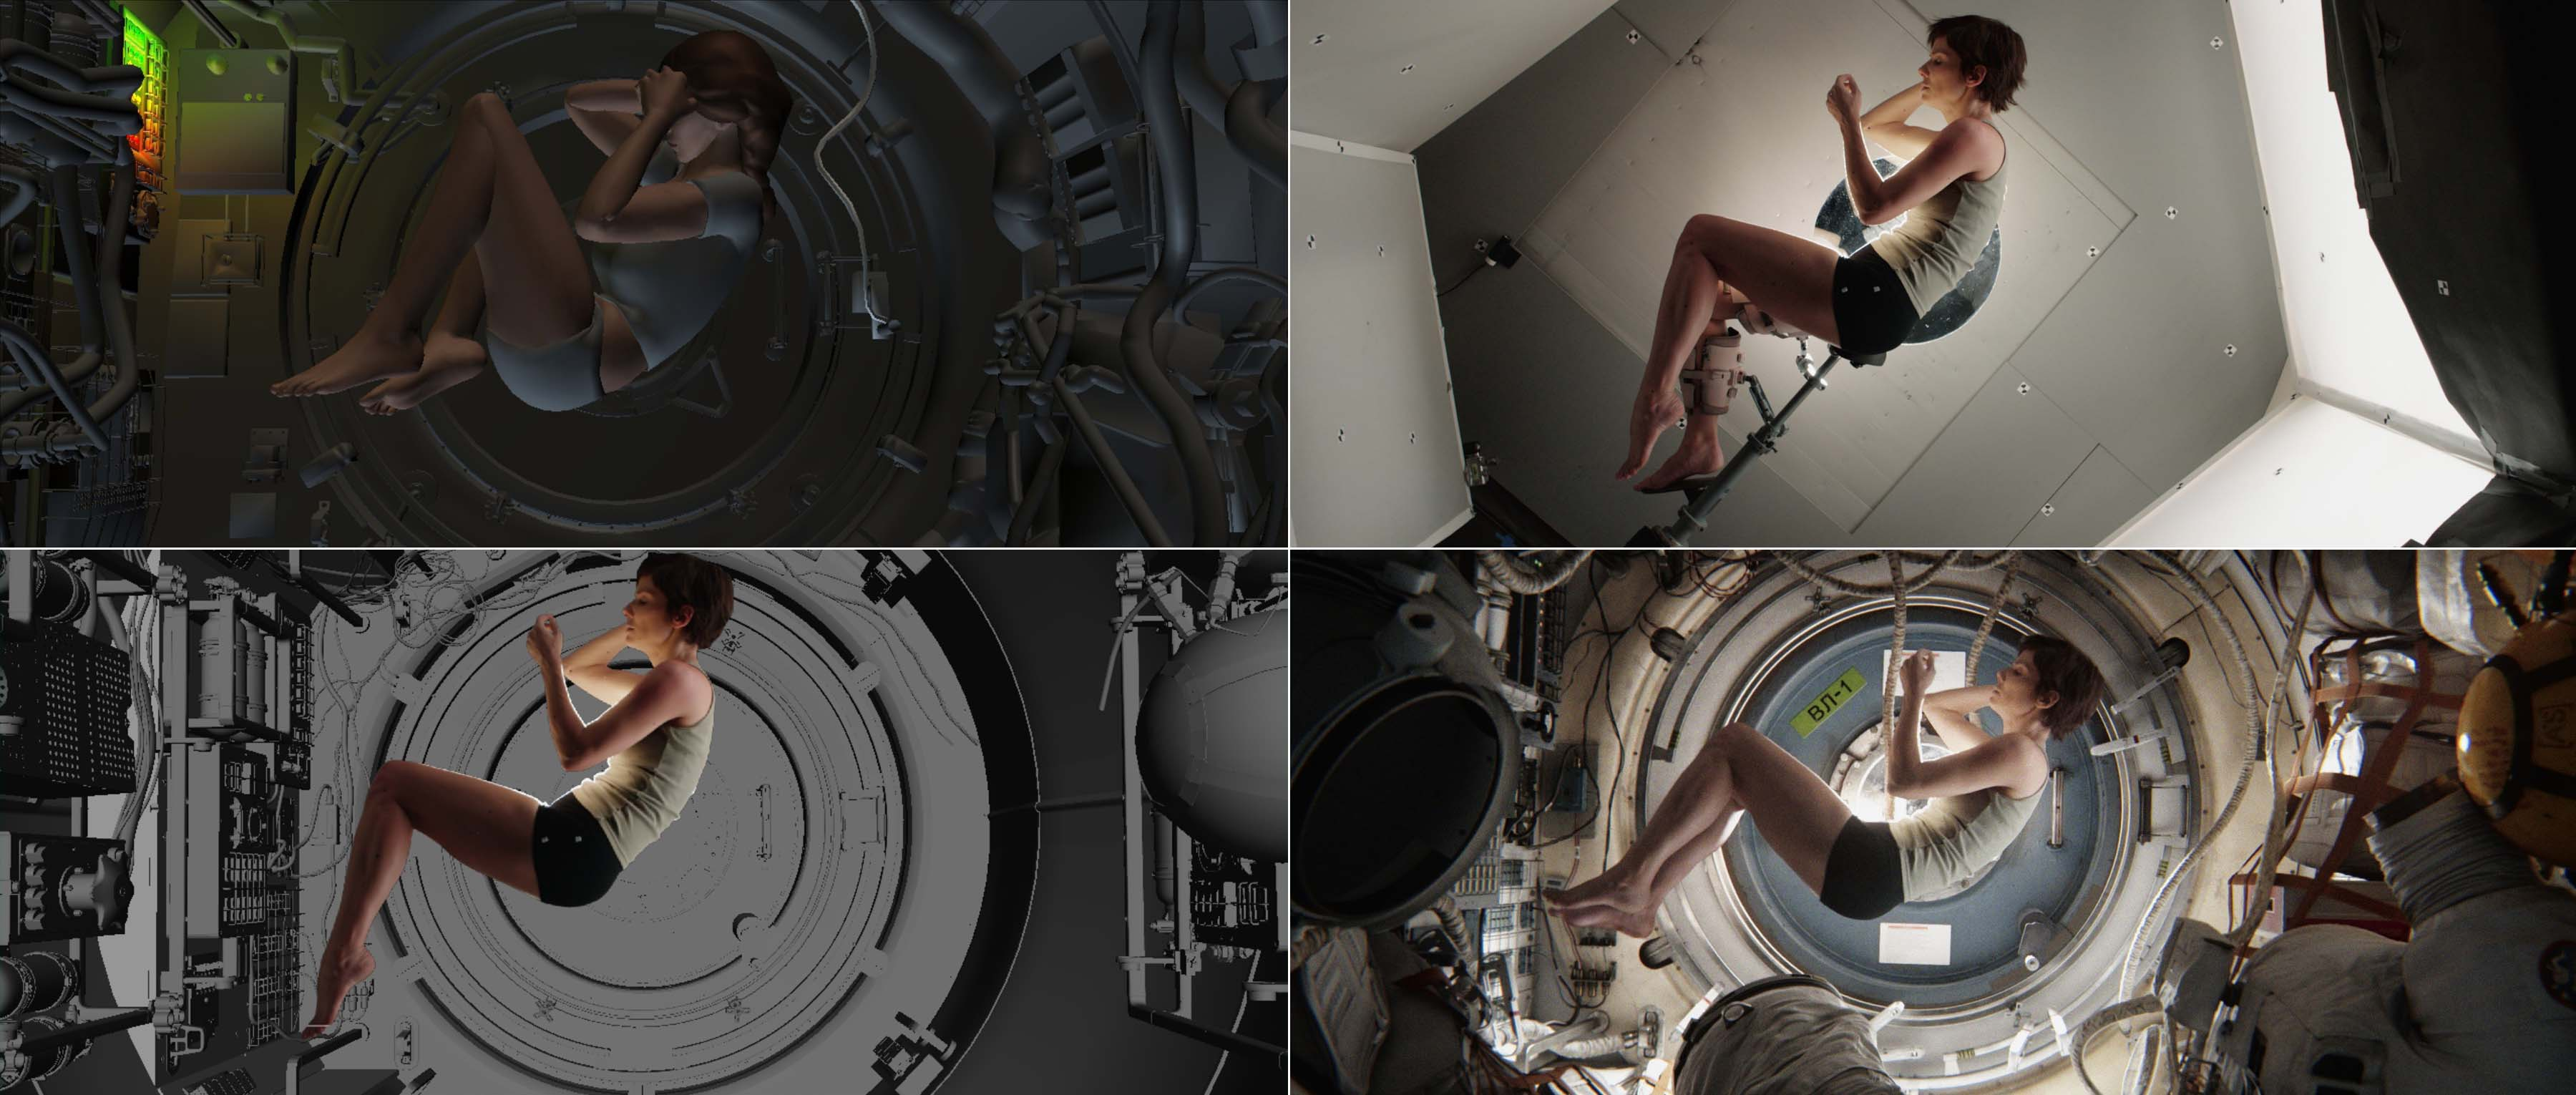 """Articolo gravità ISS - Film """"Gravity"""""""